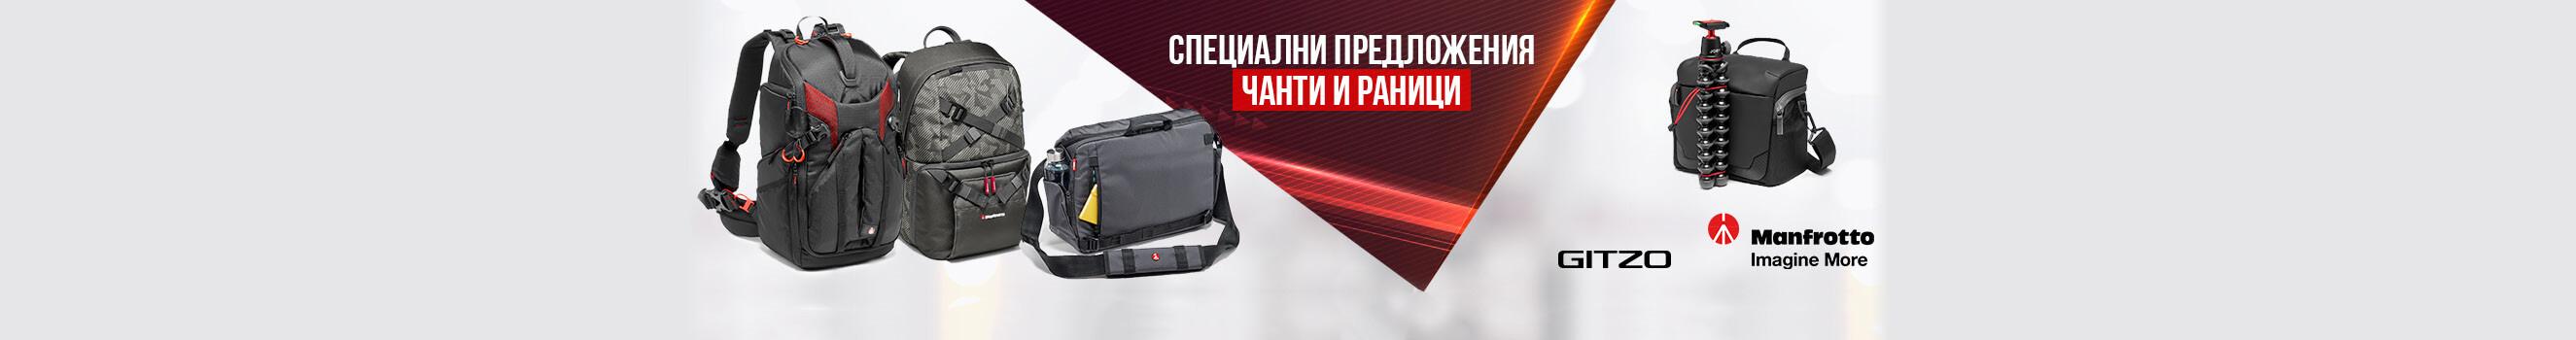 Чанти и раници - специални предложения от Manfrotto!